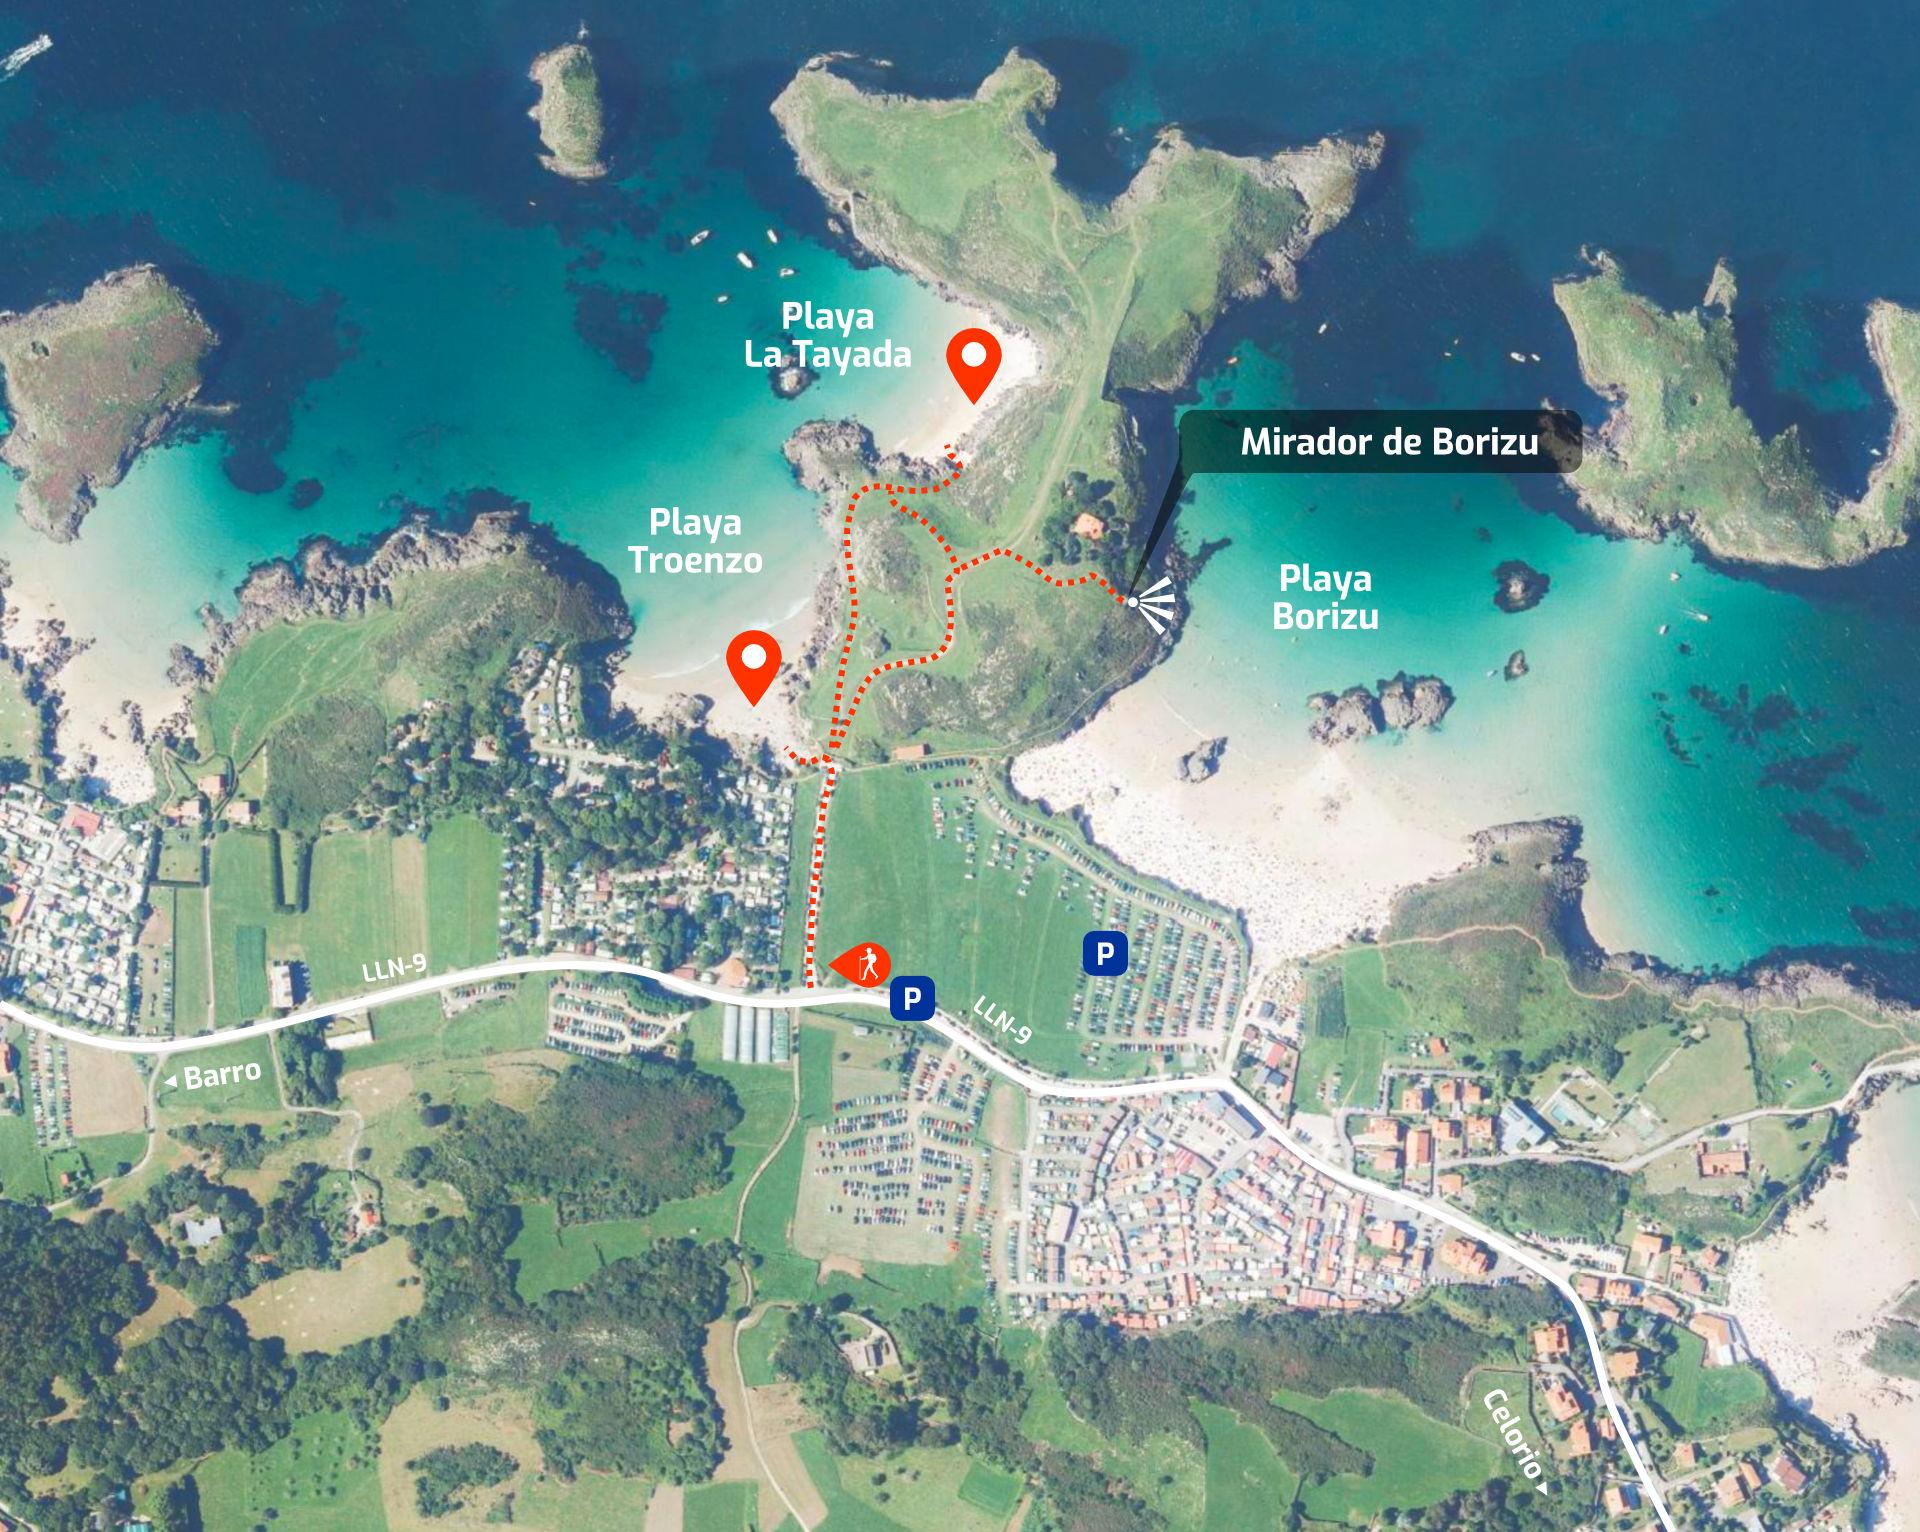 Mapa de cómo llegar a las playas de Troenzo y La Tayada en Celorio, Llanes, Asturias